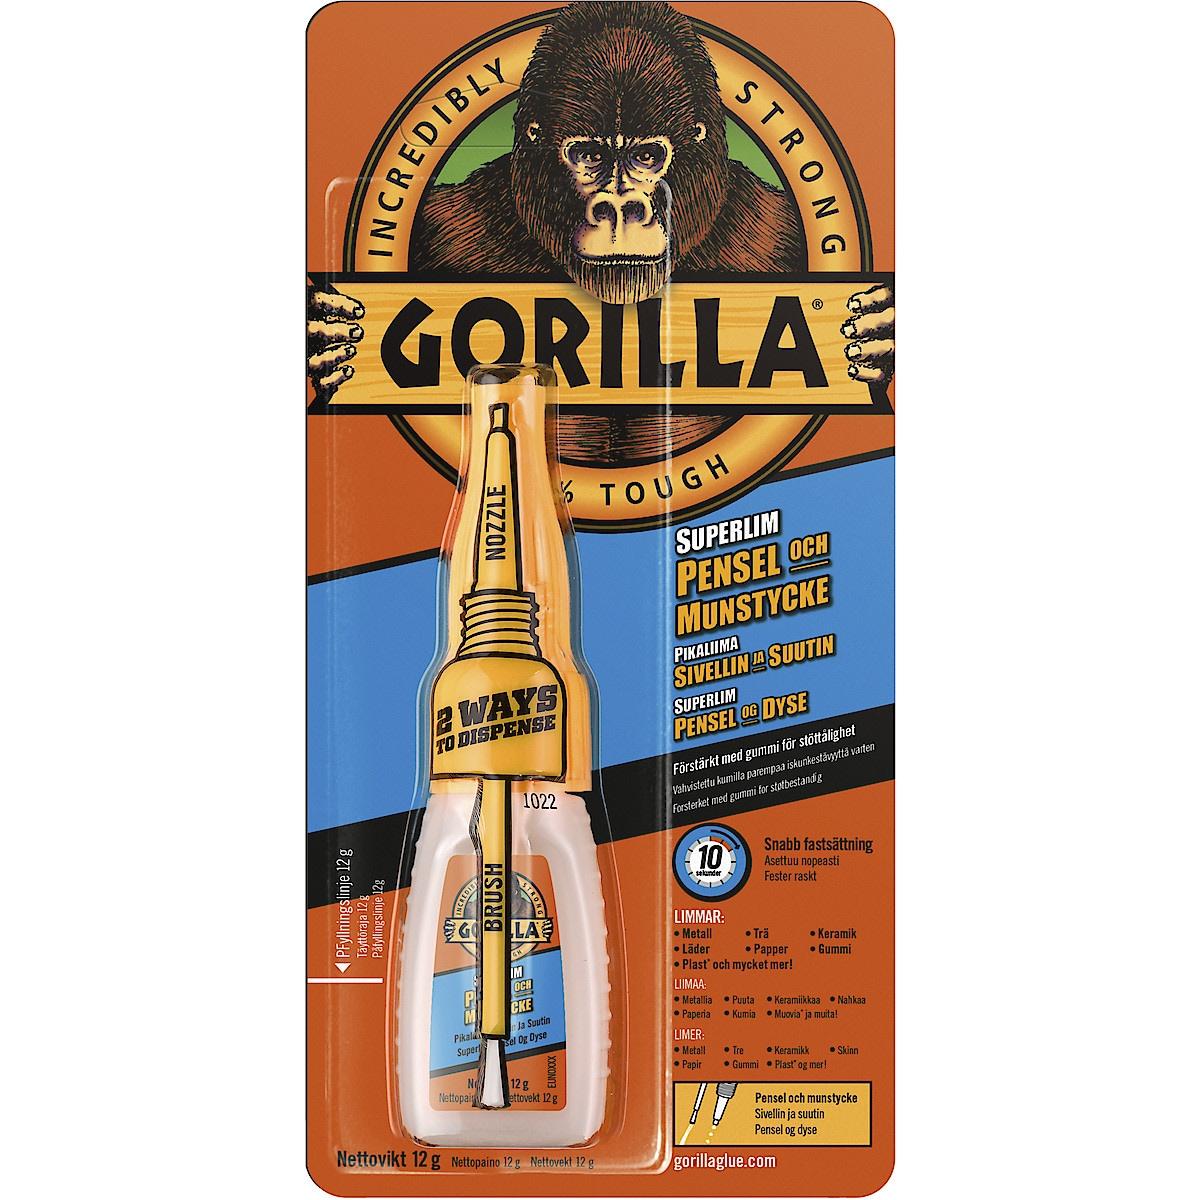 Superlim B&N Gorilla 12 g